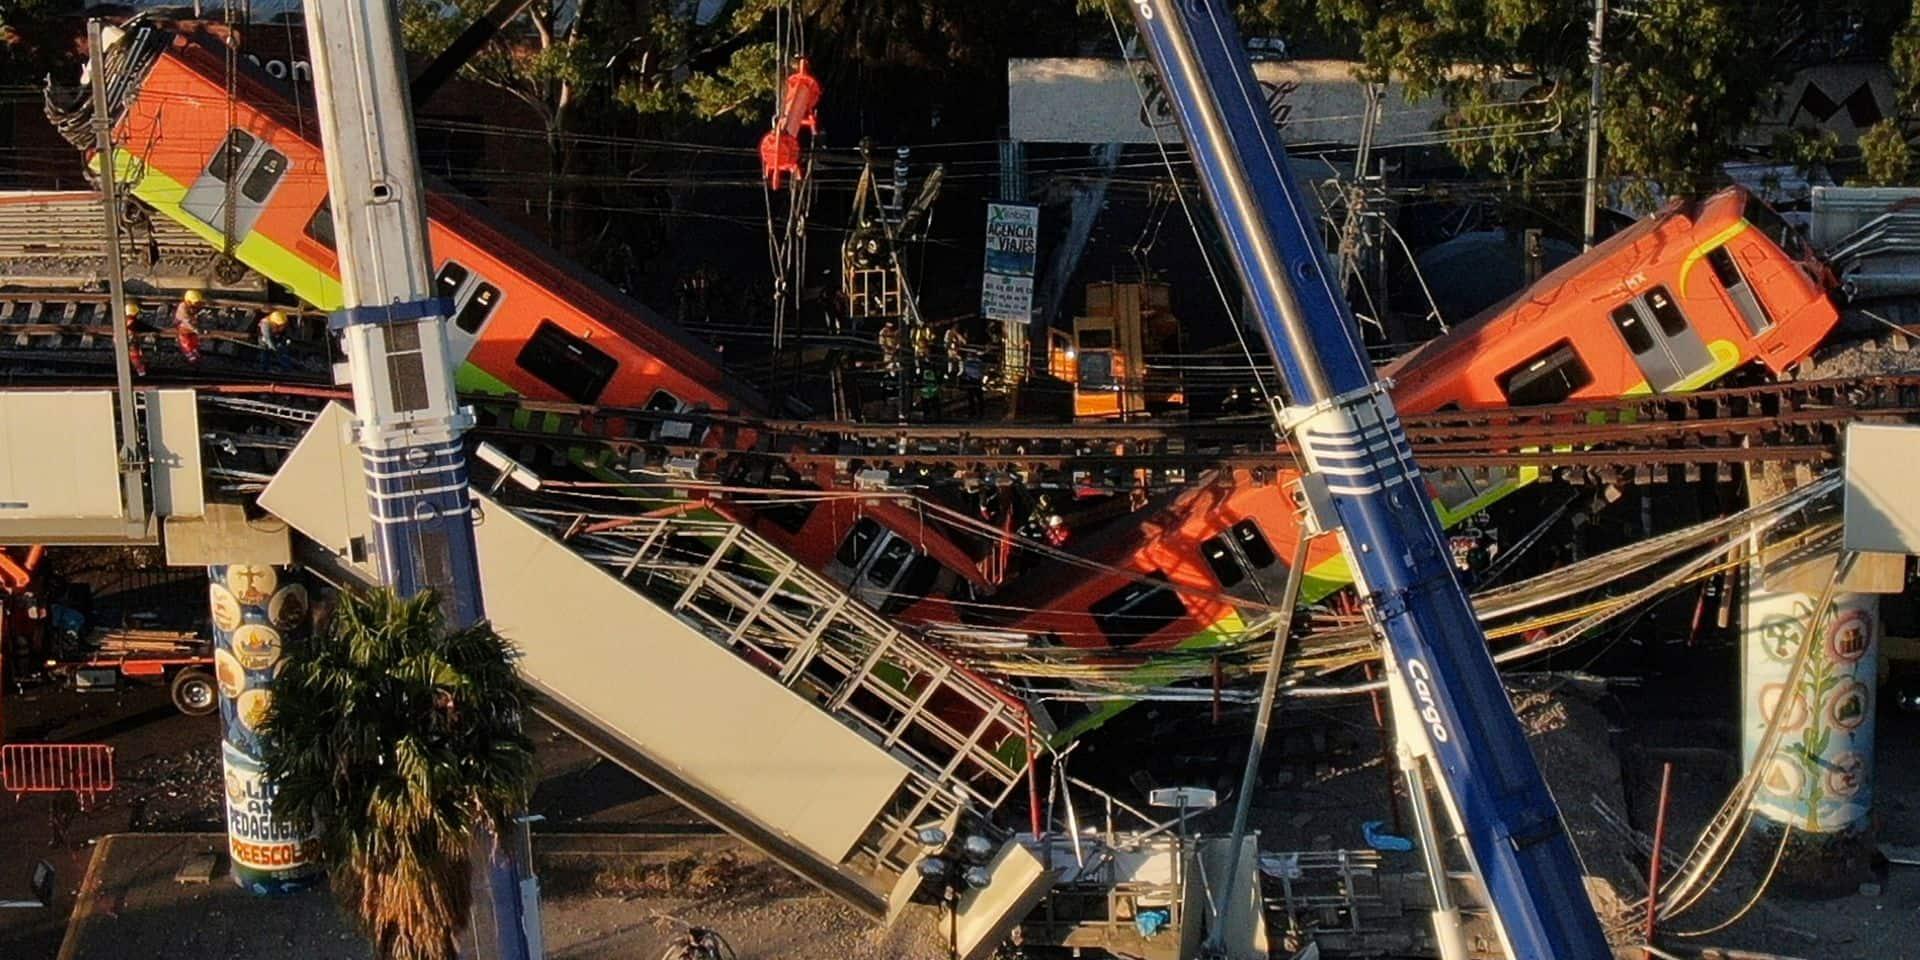 Accident du métro de Mexico qui a fait 25 morts: de premières explications